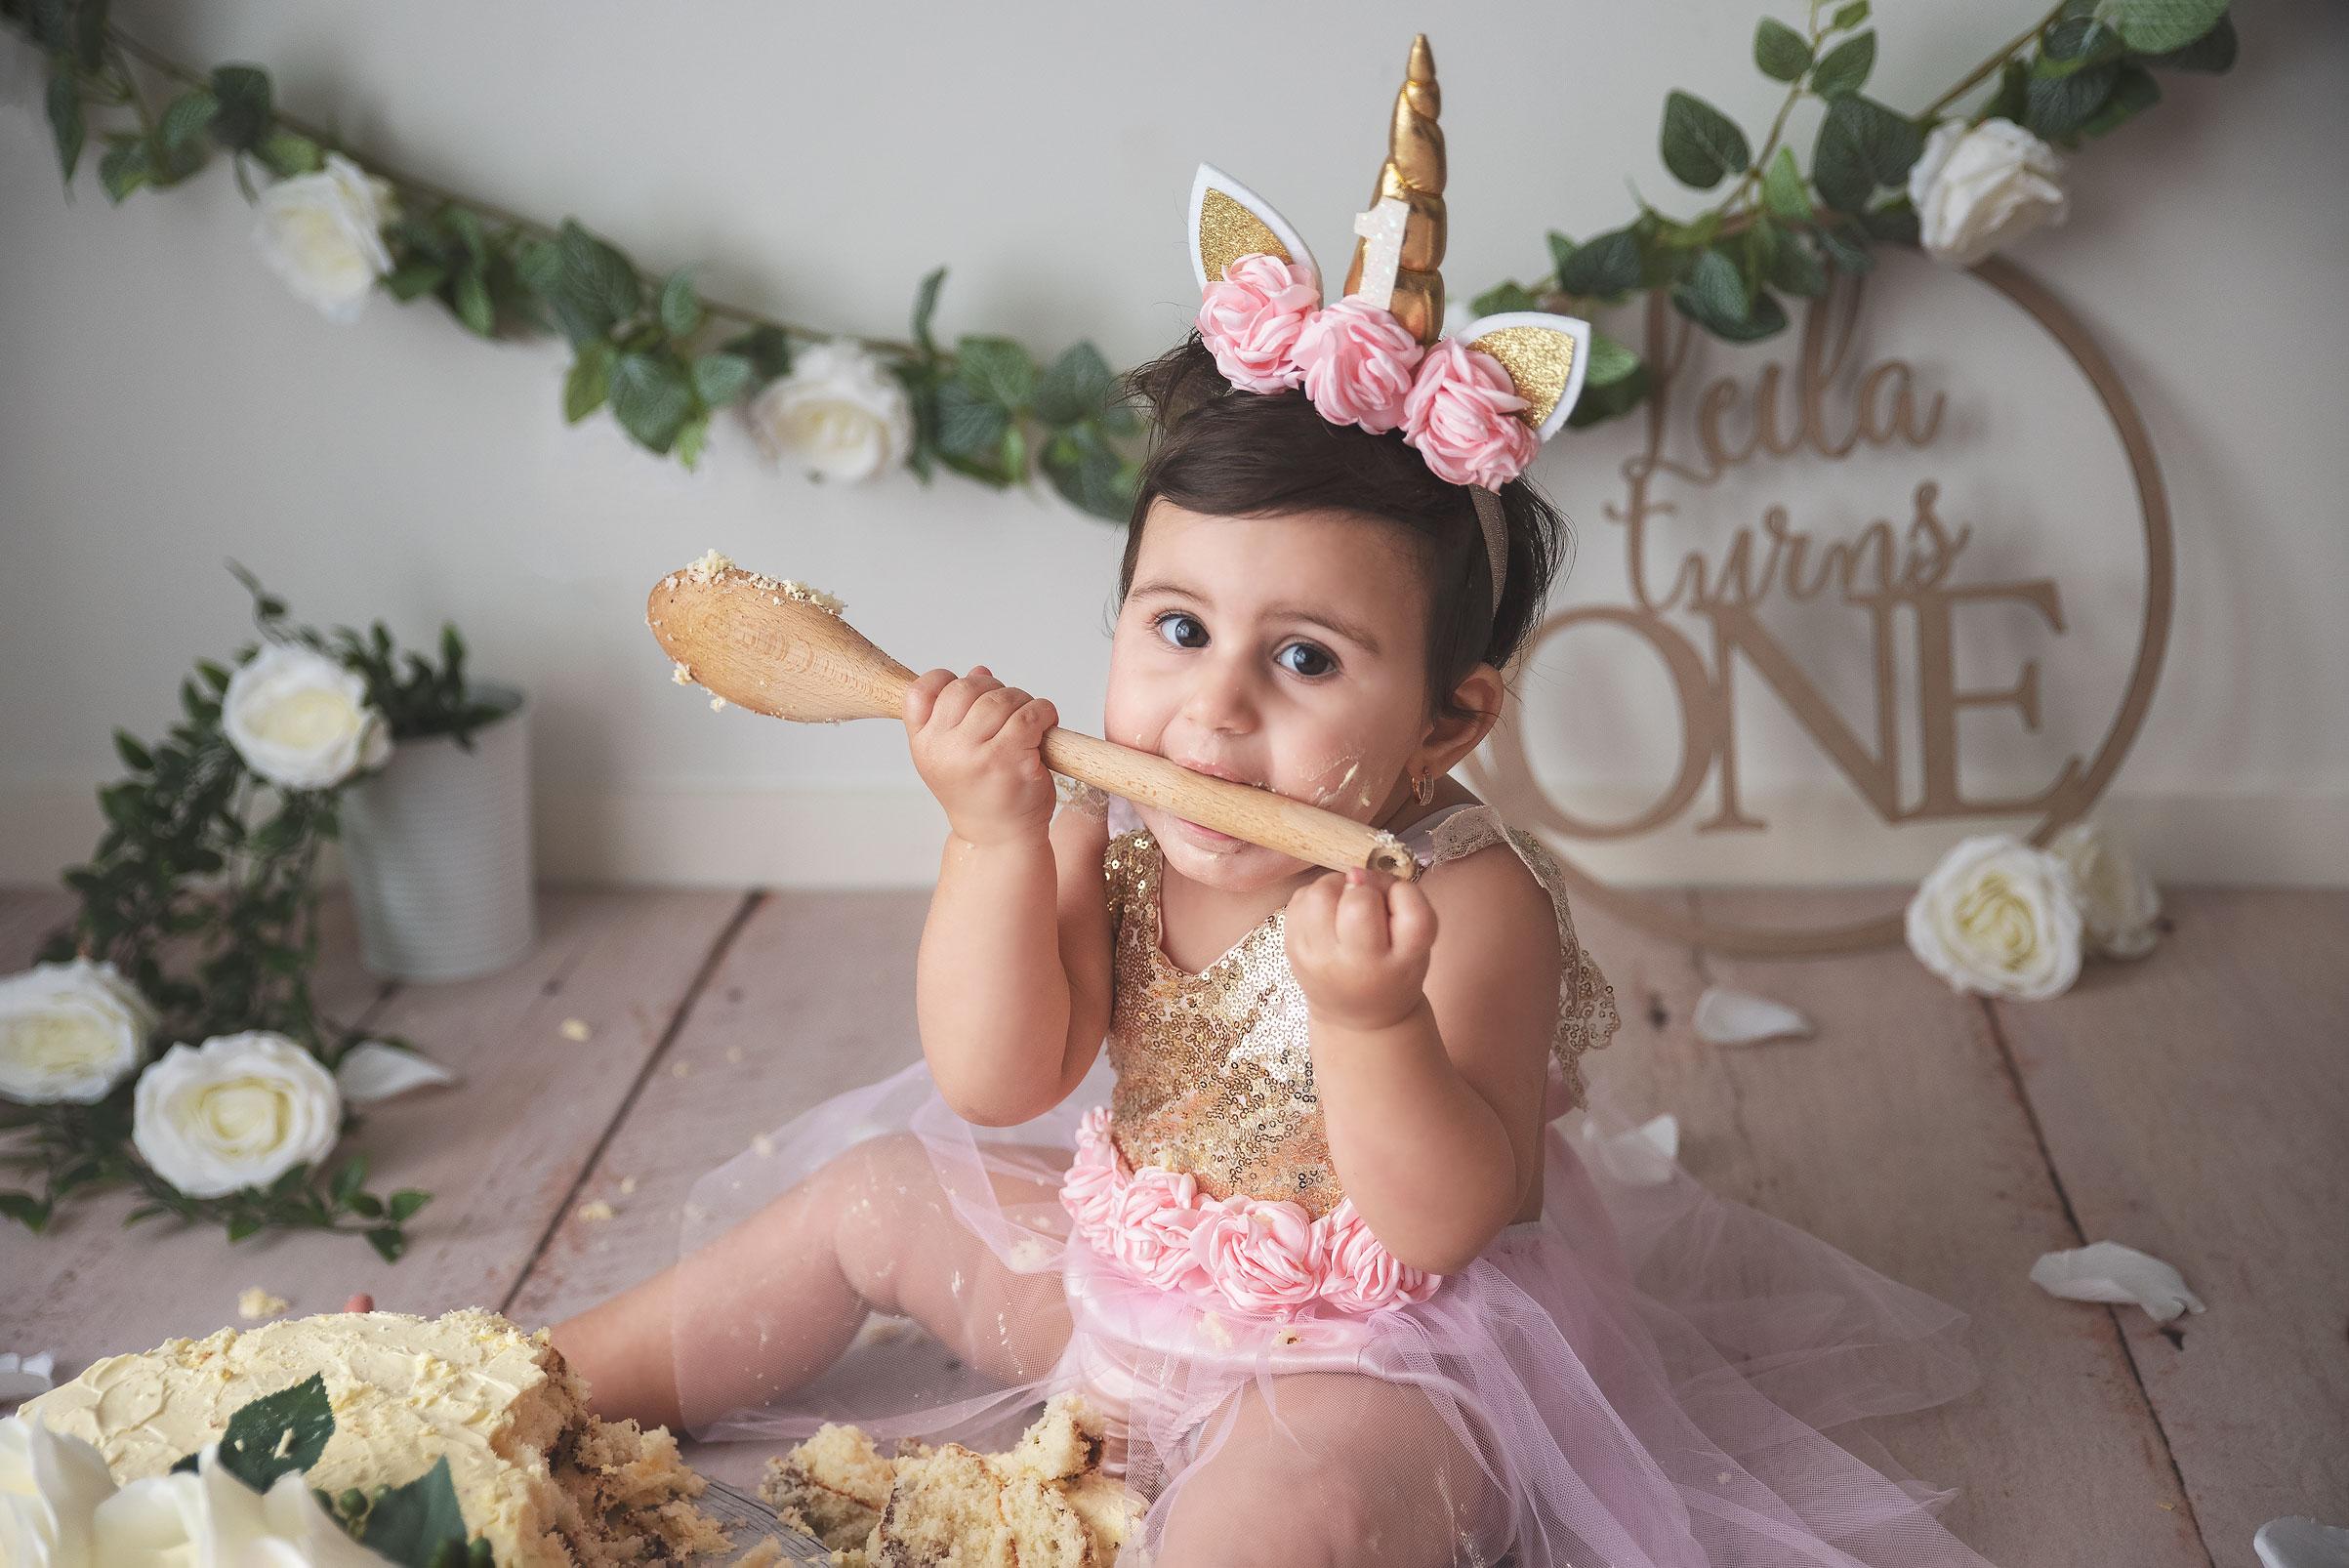 baby-cake-smash-sydney